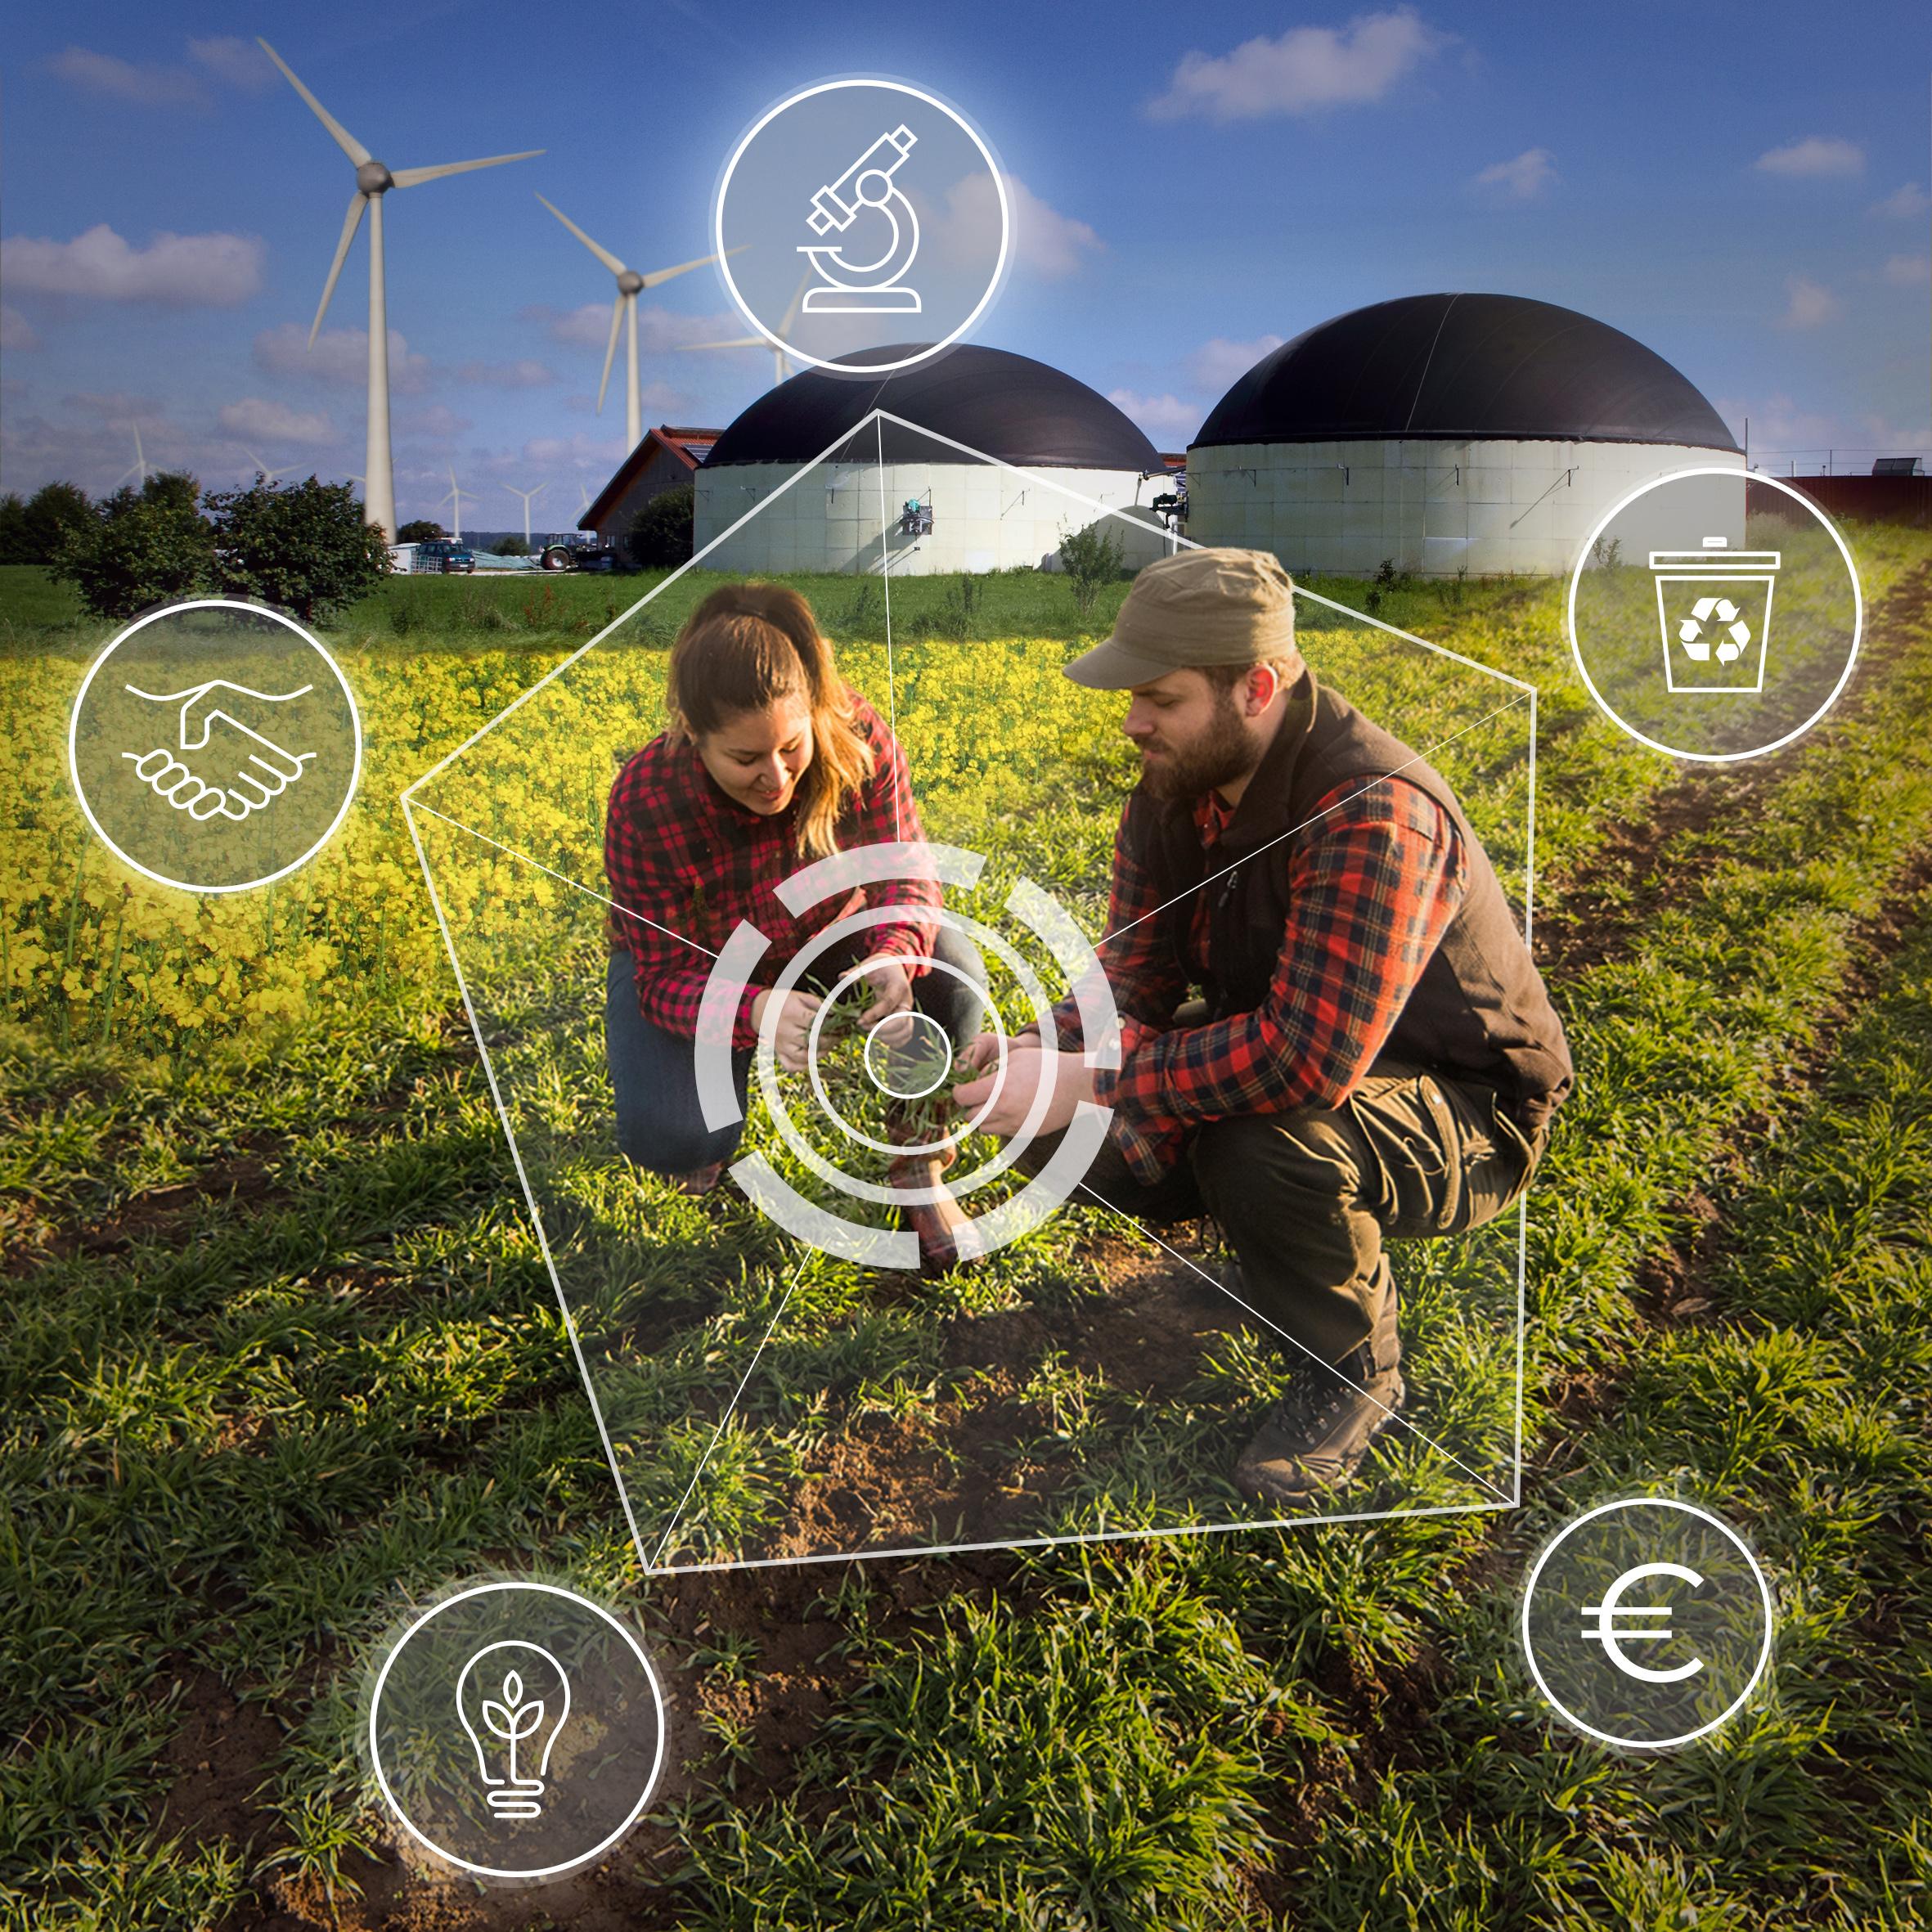 Les usages énergétiques des terres agricoles : Cultiver l'énergie au XXIe siècle ? | Atelier #3 du Cycle national 2019-2020 | IHEST